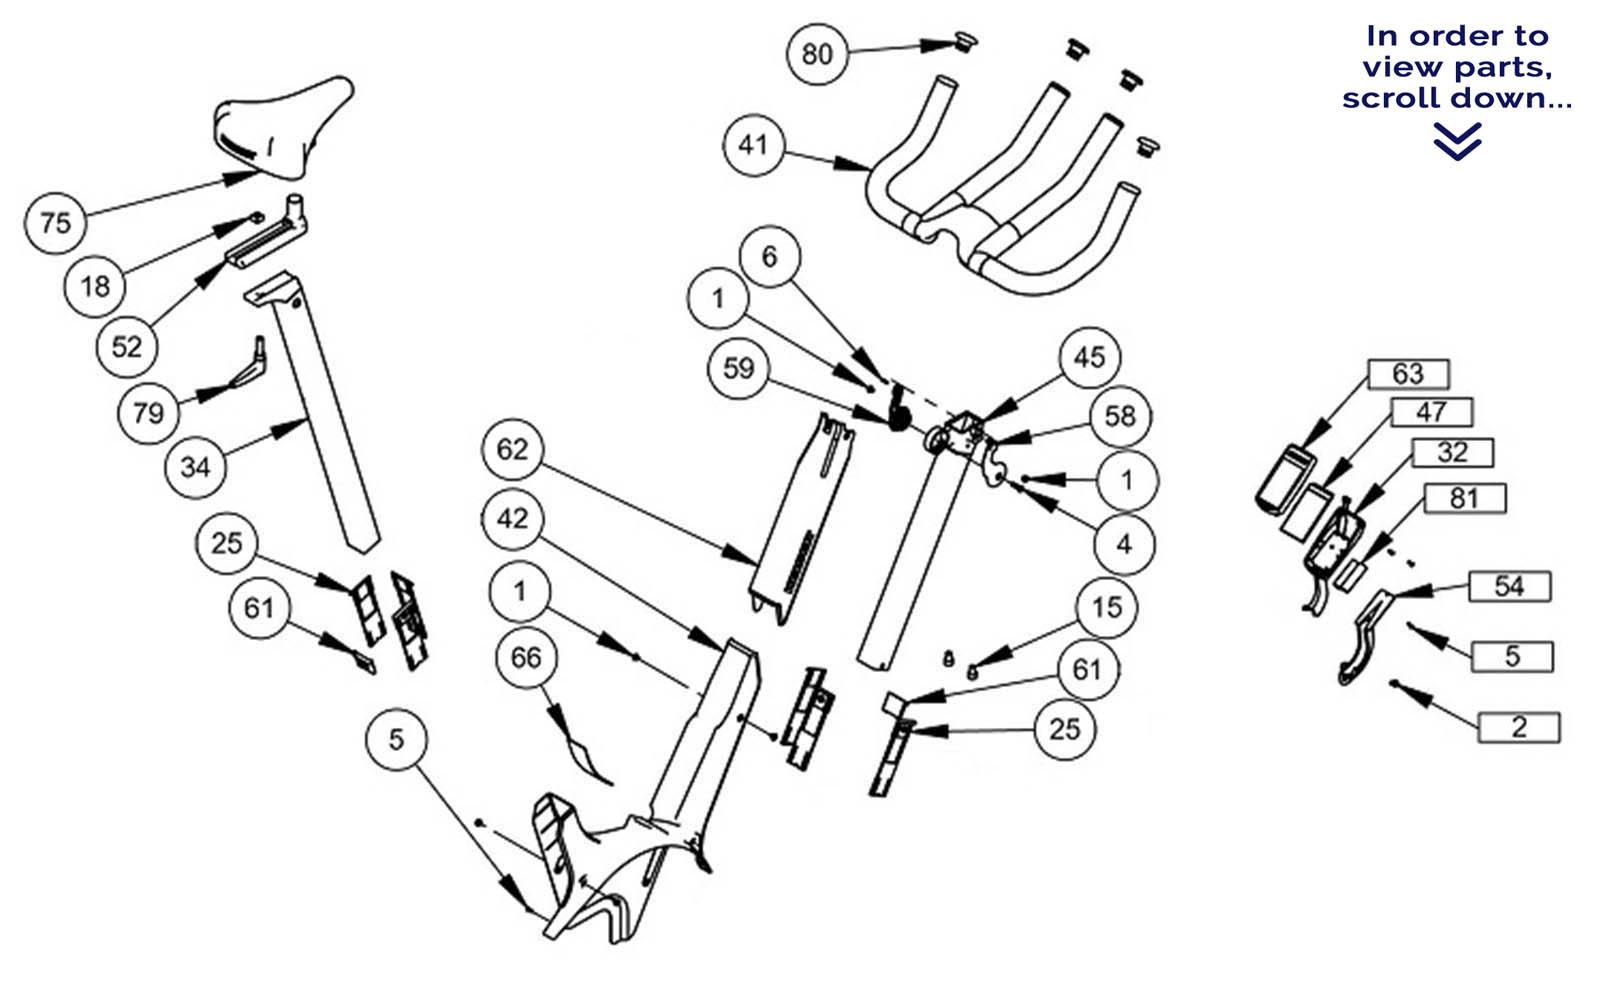 Bicycle Handlebar Parts Diagram